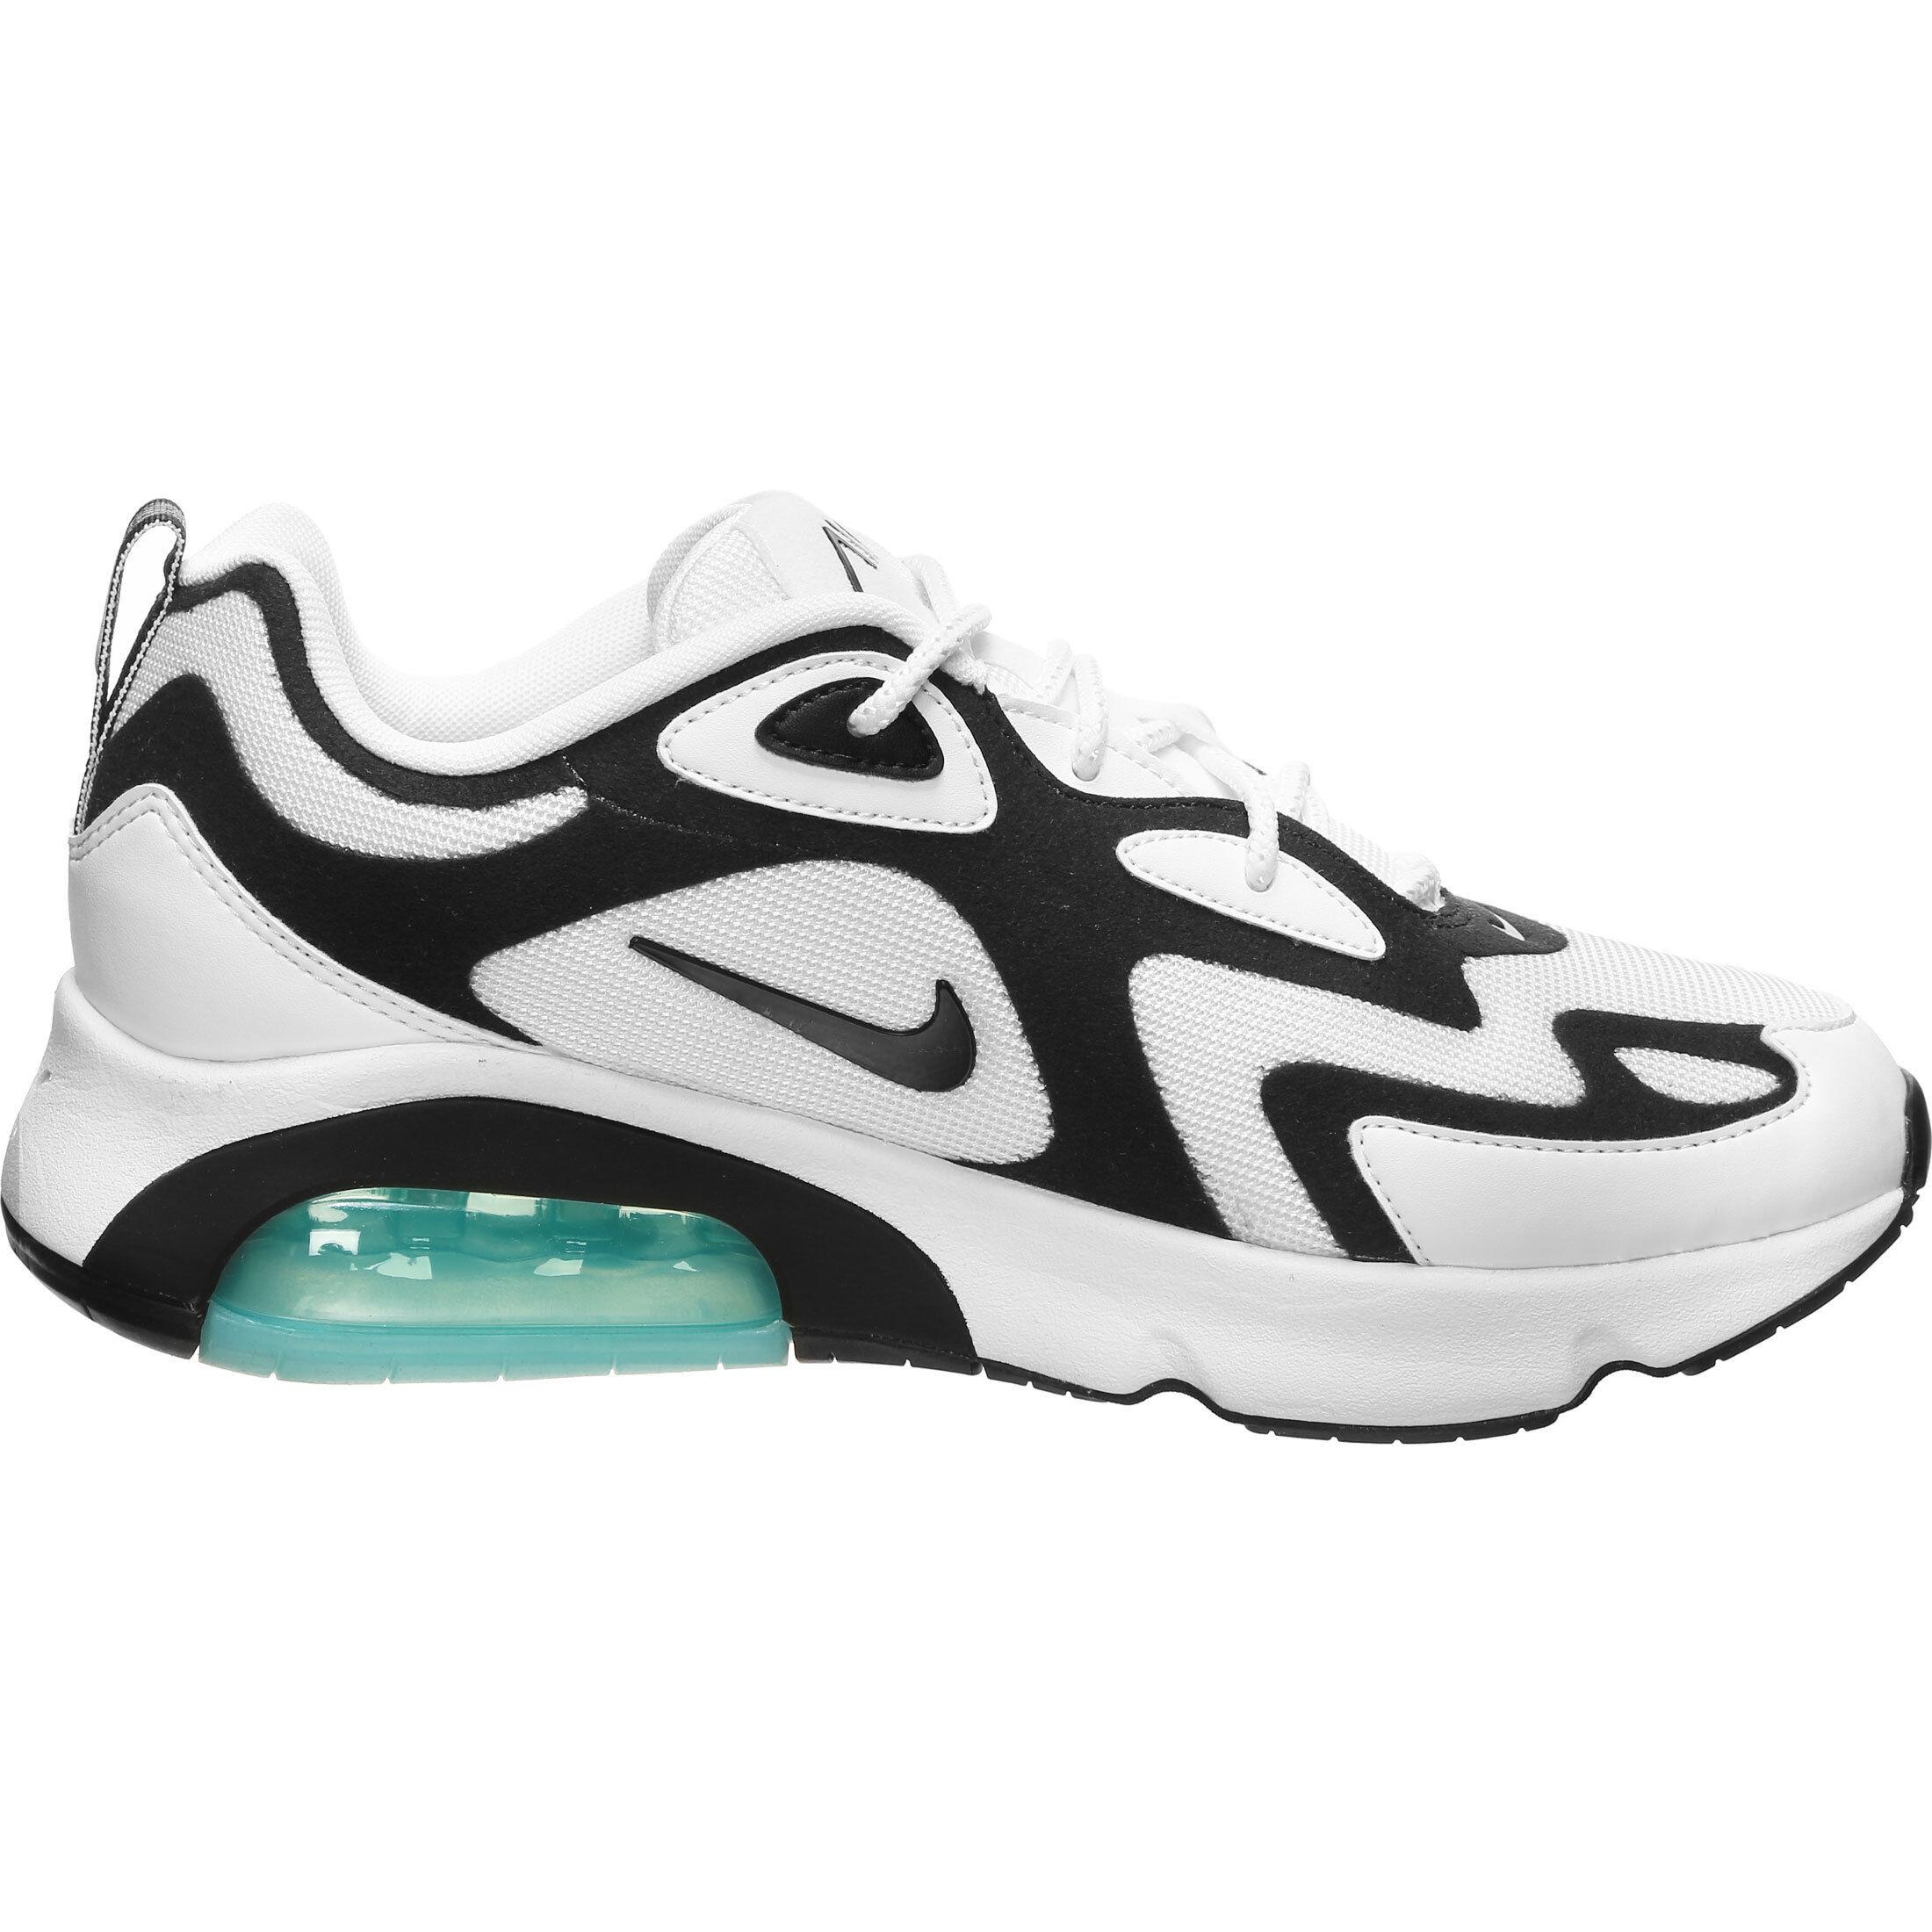 Nike Sneaker Air Max 200, für Damen hellgraugrau 40 12